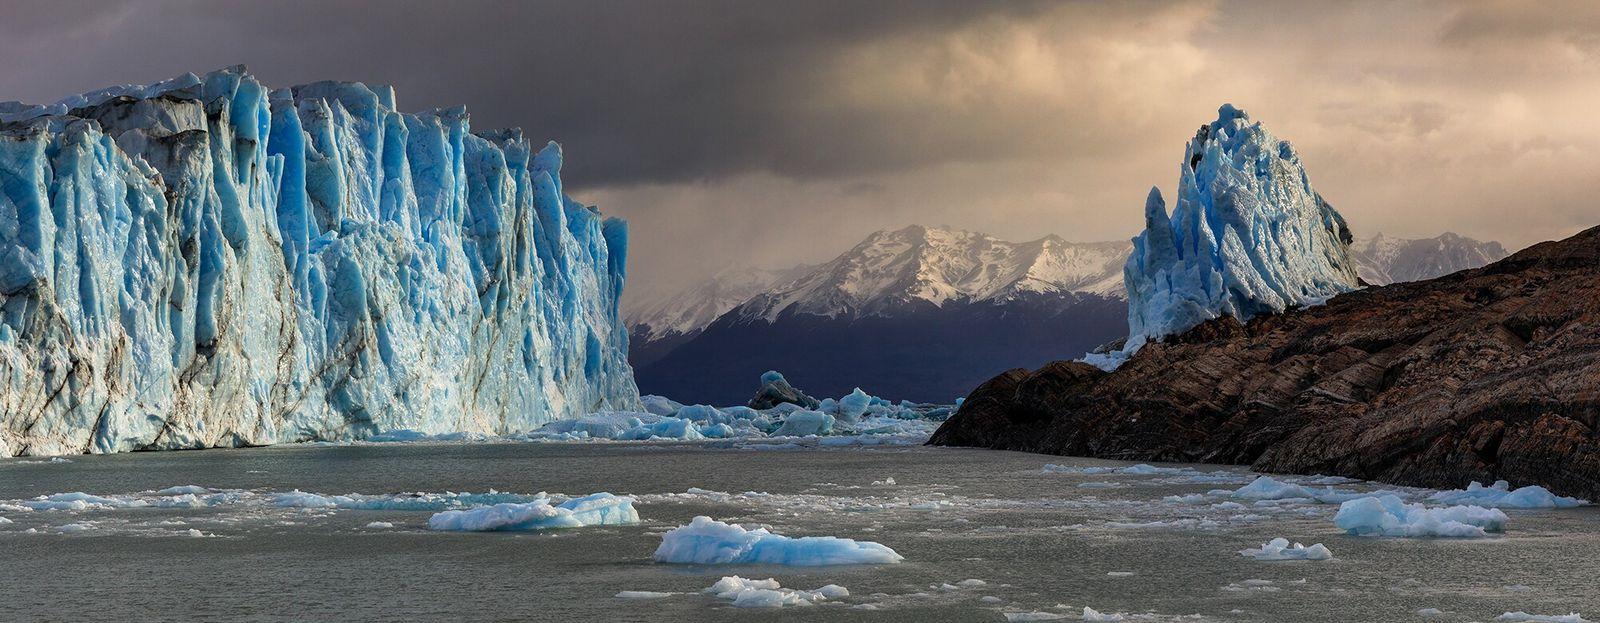 Los Glaciares, Argentina   A geleira Perito Moreno, no Parque Nacional de Los Glaciares, na Argentina, ...